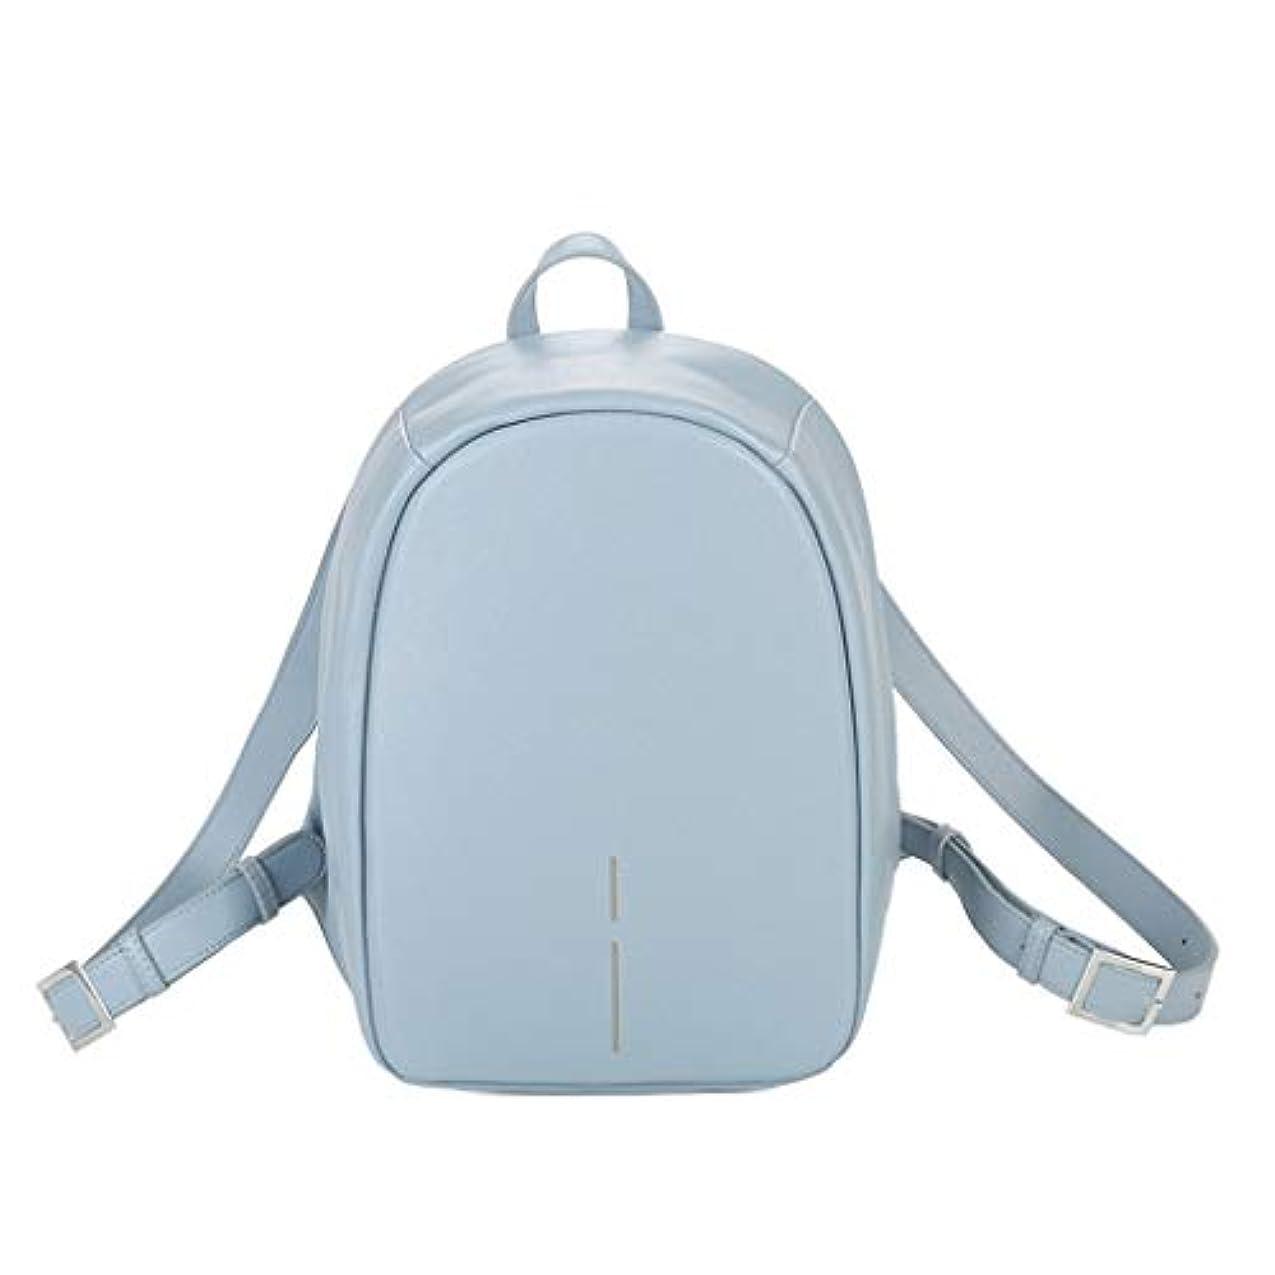 鏡生き残り軽減女性のためのコンピュータバックパックシンプルなレザーバックパック気質多機能旅行小さなバックパック多機能ブックバッグ用十代の若者たち女の子ジュニアミドルカレッジバッグ